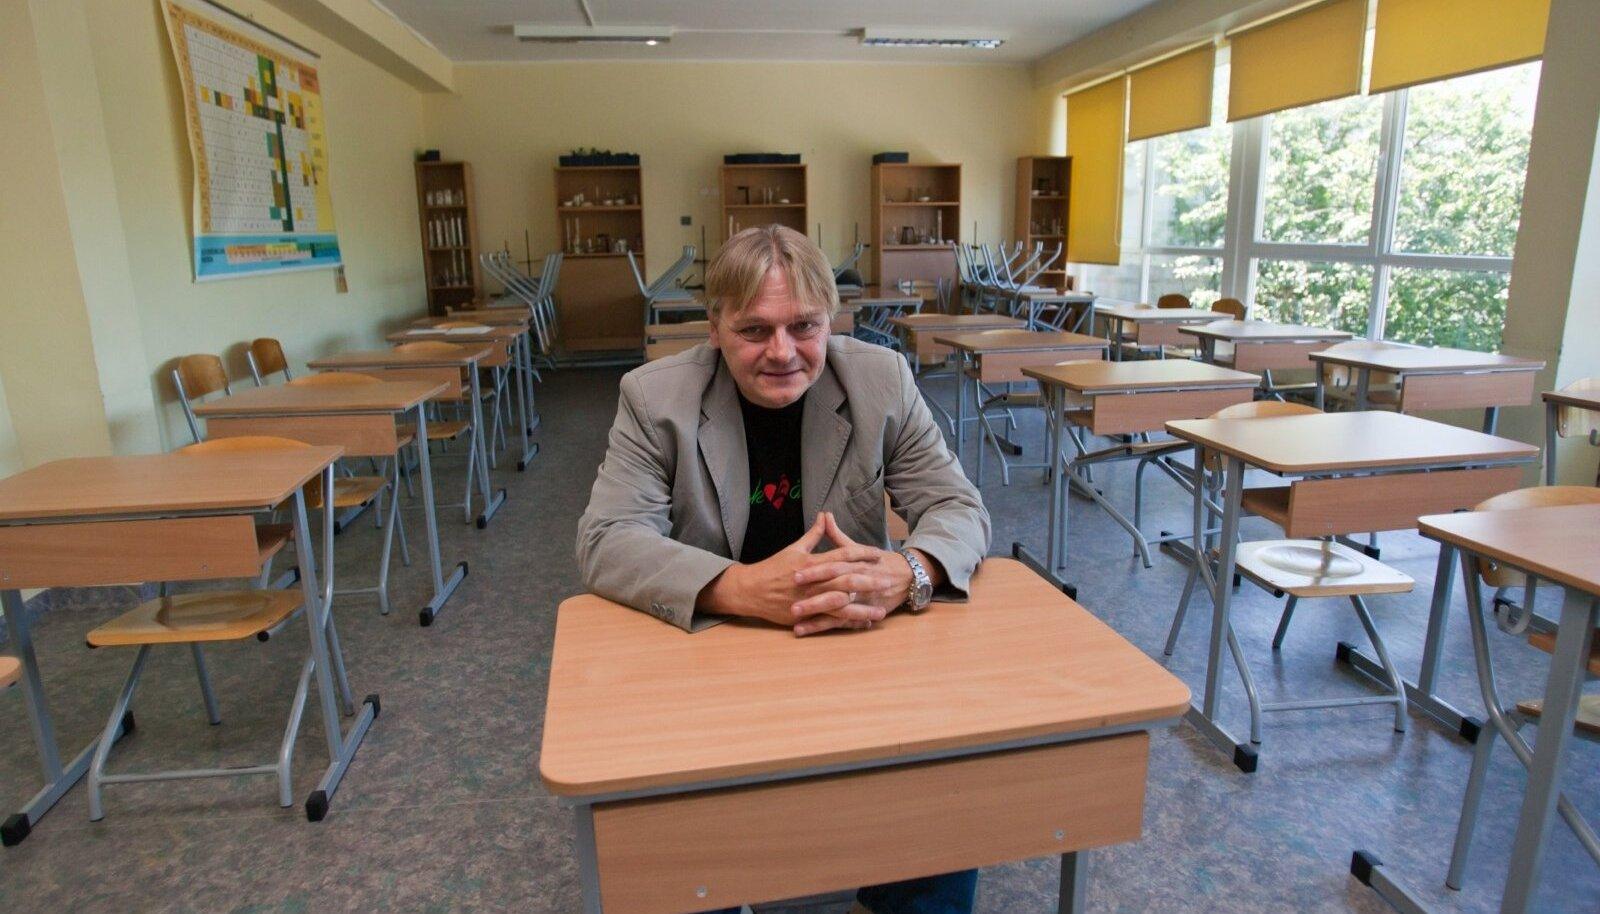 Lapsevanemad ja õpetajad süüdistavad Tartu Raatuse kooli direktorit solvangutes ja hirmuvalitsuses